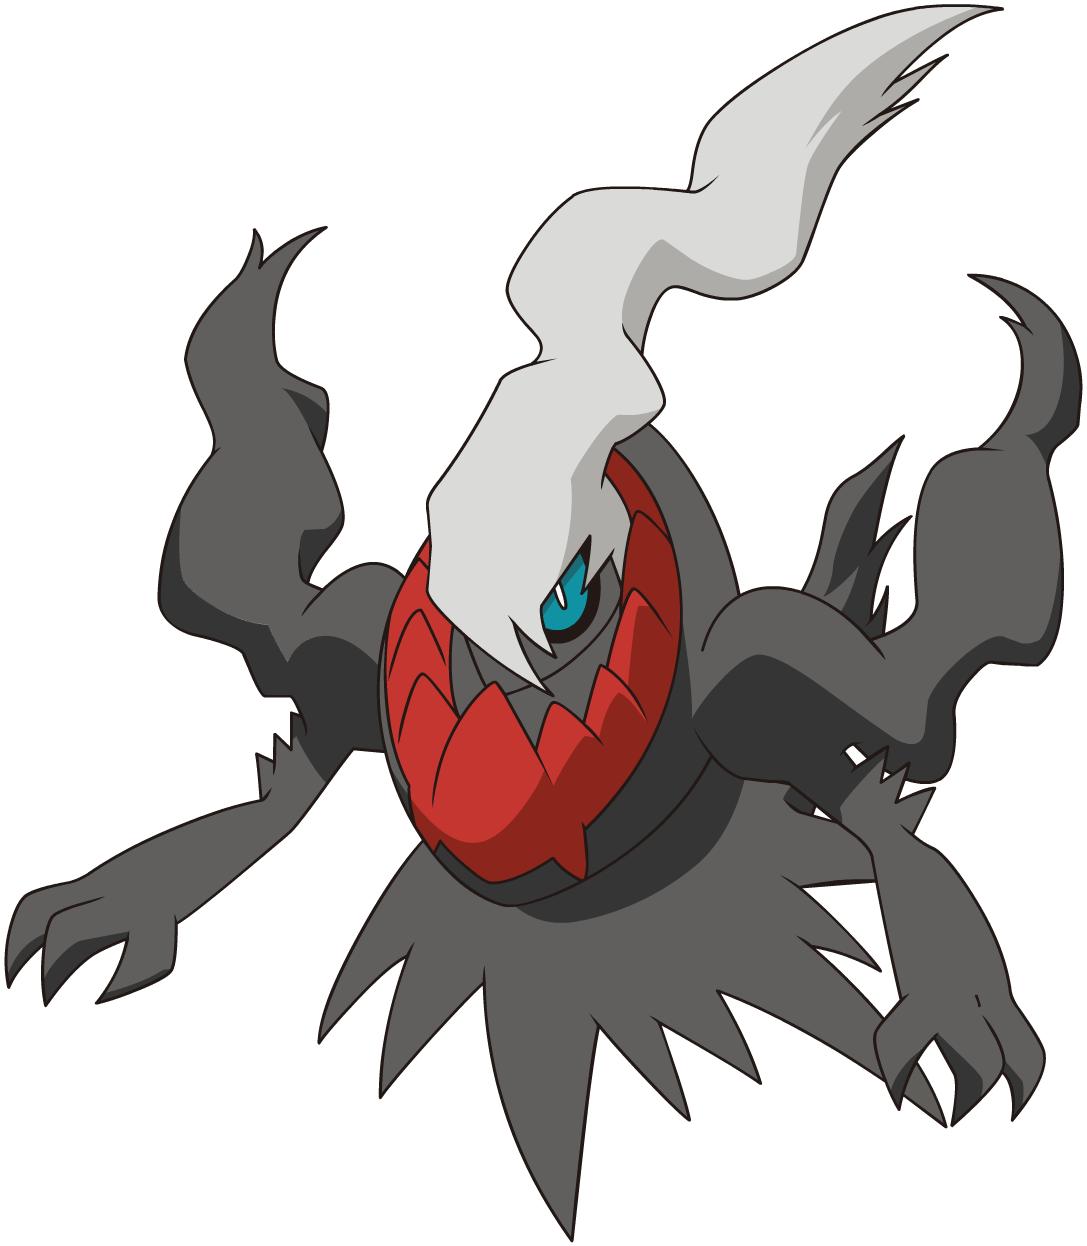 Pokemon Darkrai